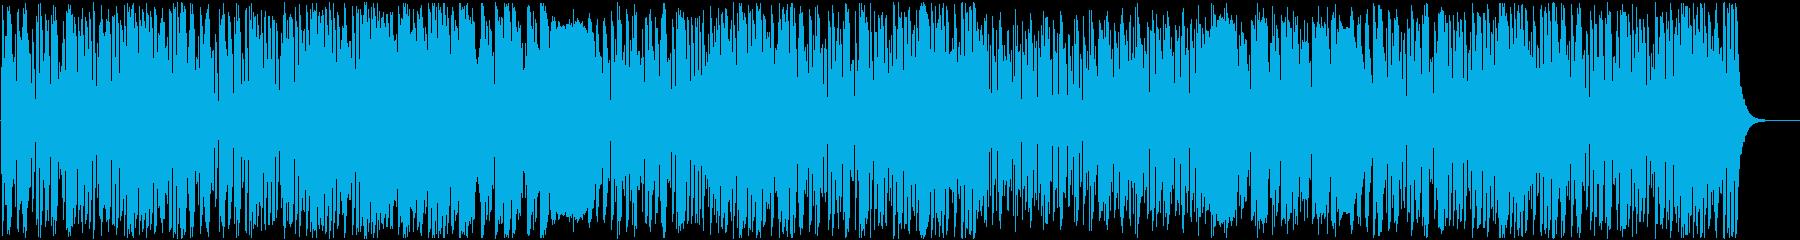 ほのぼのとぼけた子供小動物向けBGMの再生済みの波形